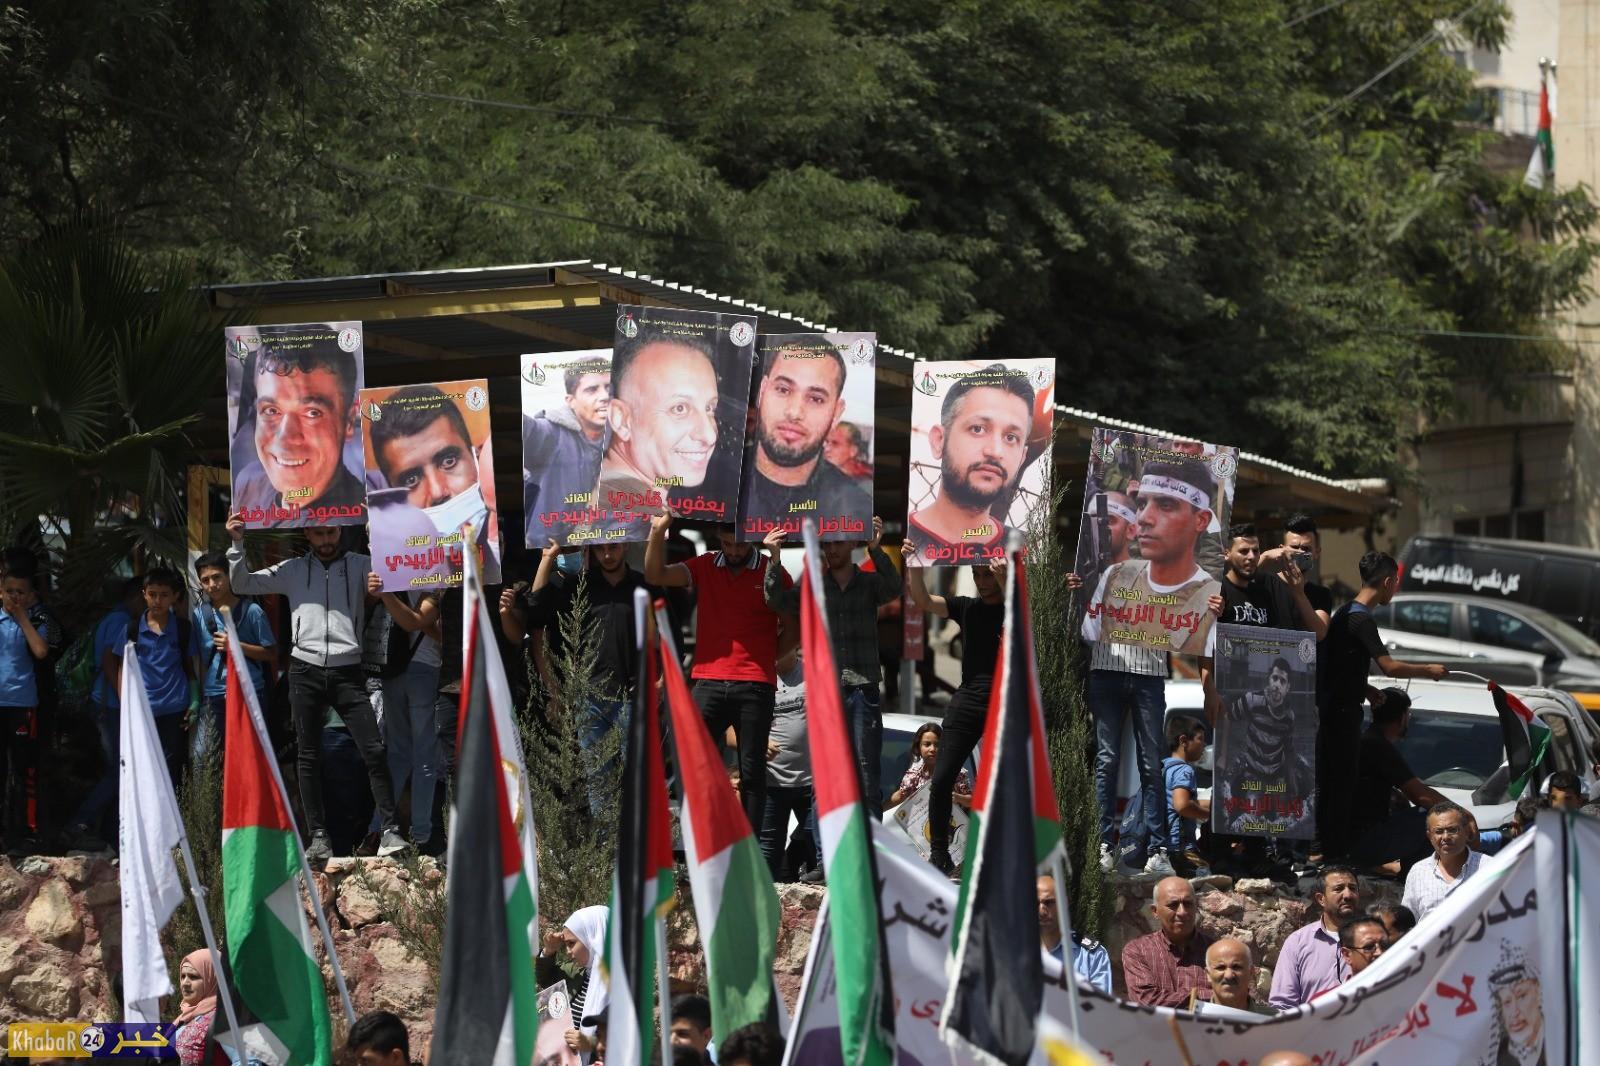 مظاهرات ووقفات تدعو الى أوسع فعاليات تضامن مع الاسرى في سجون الاحتلال